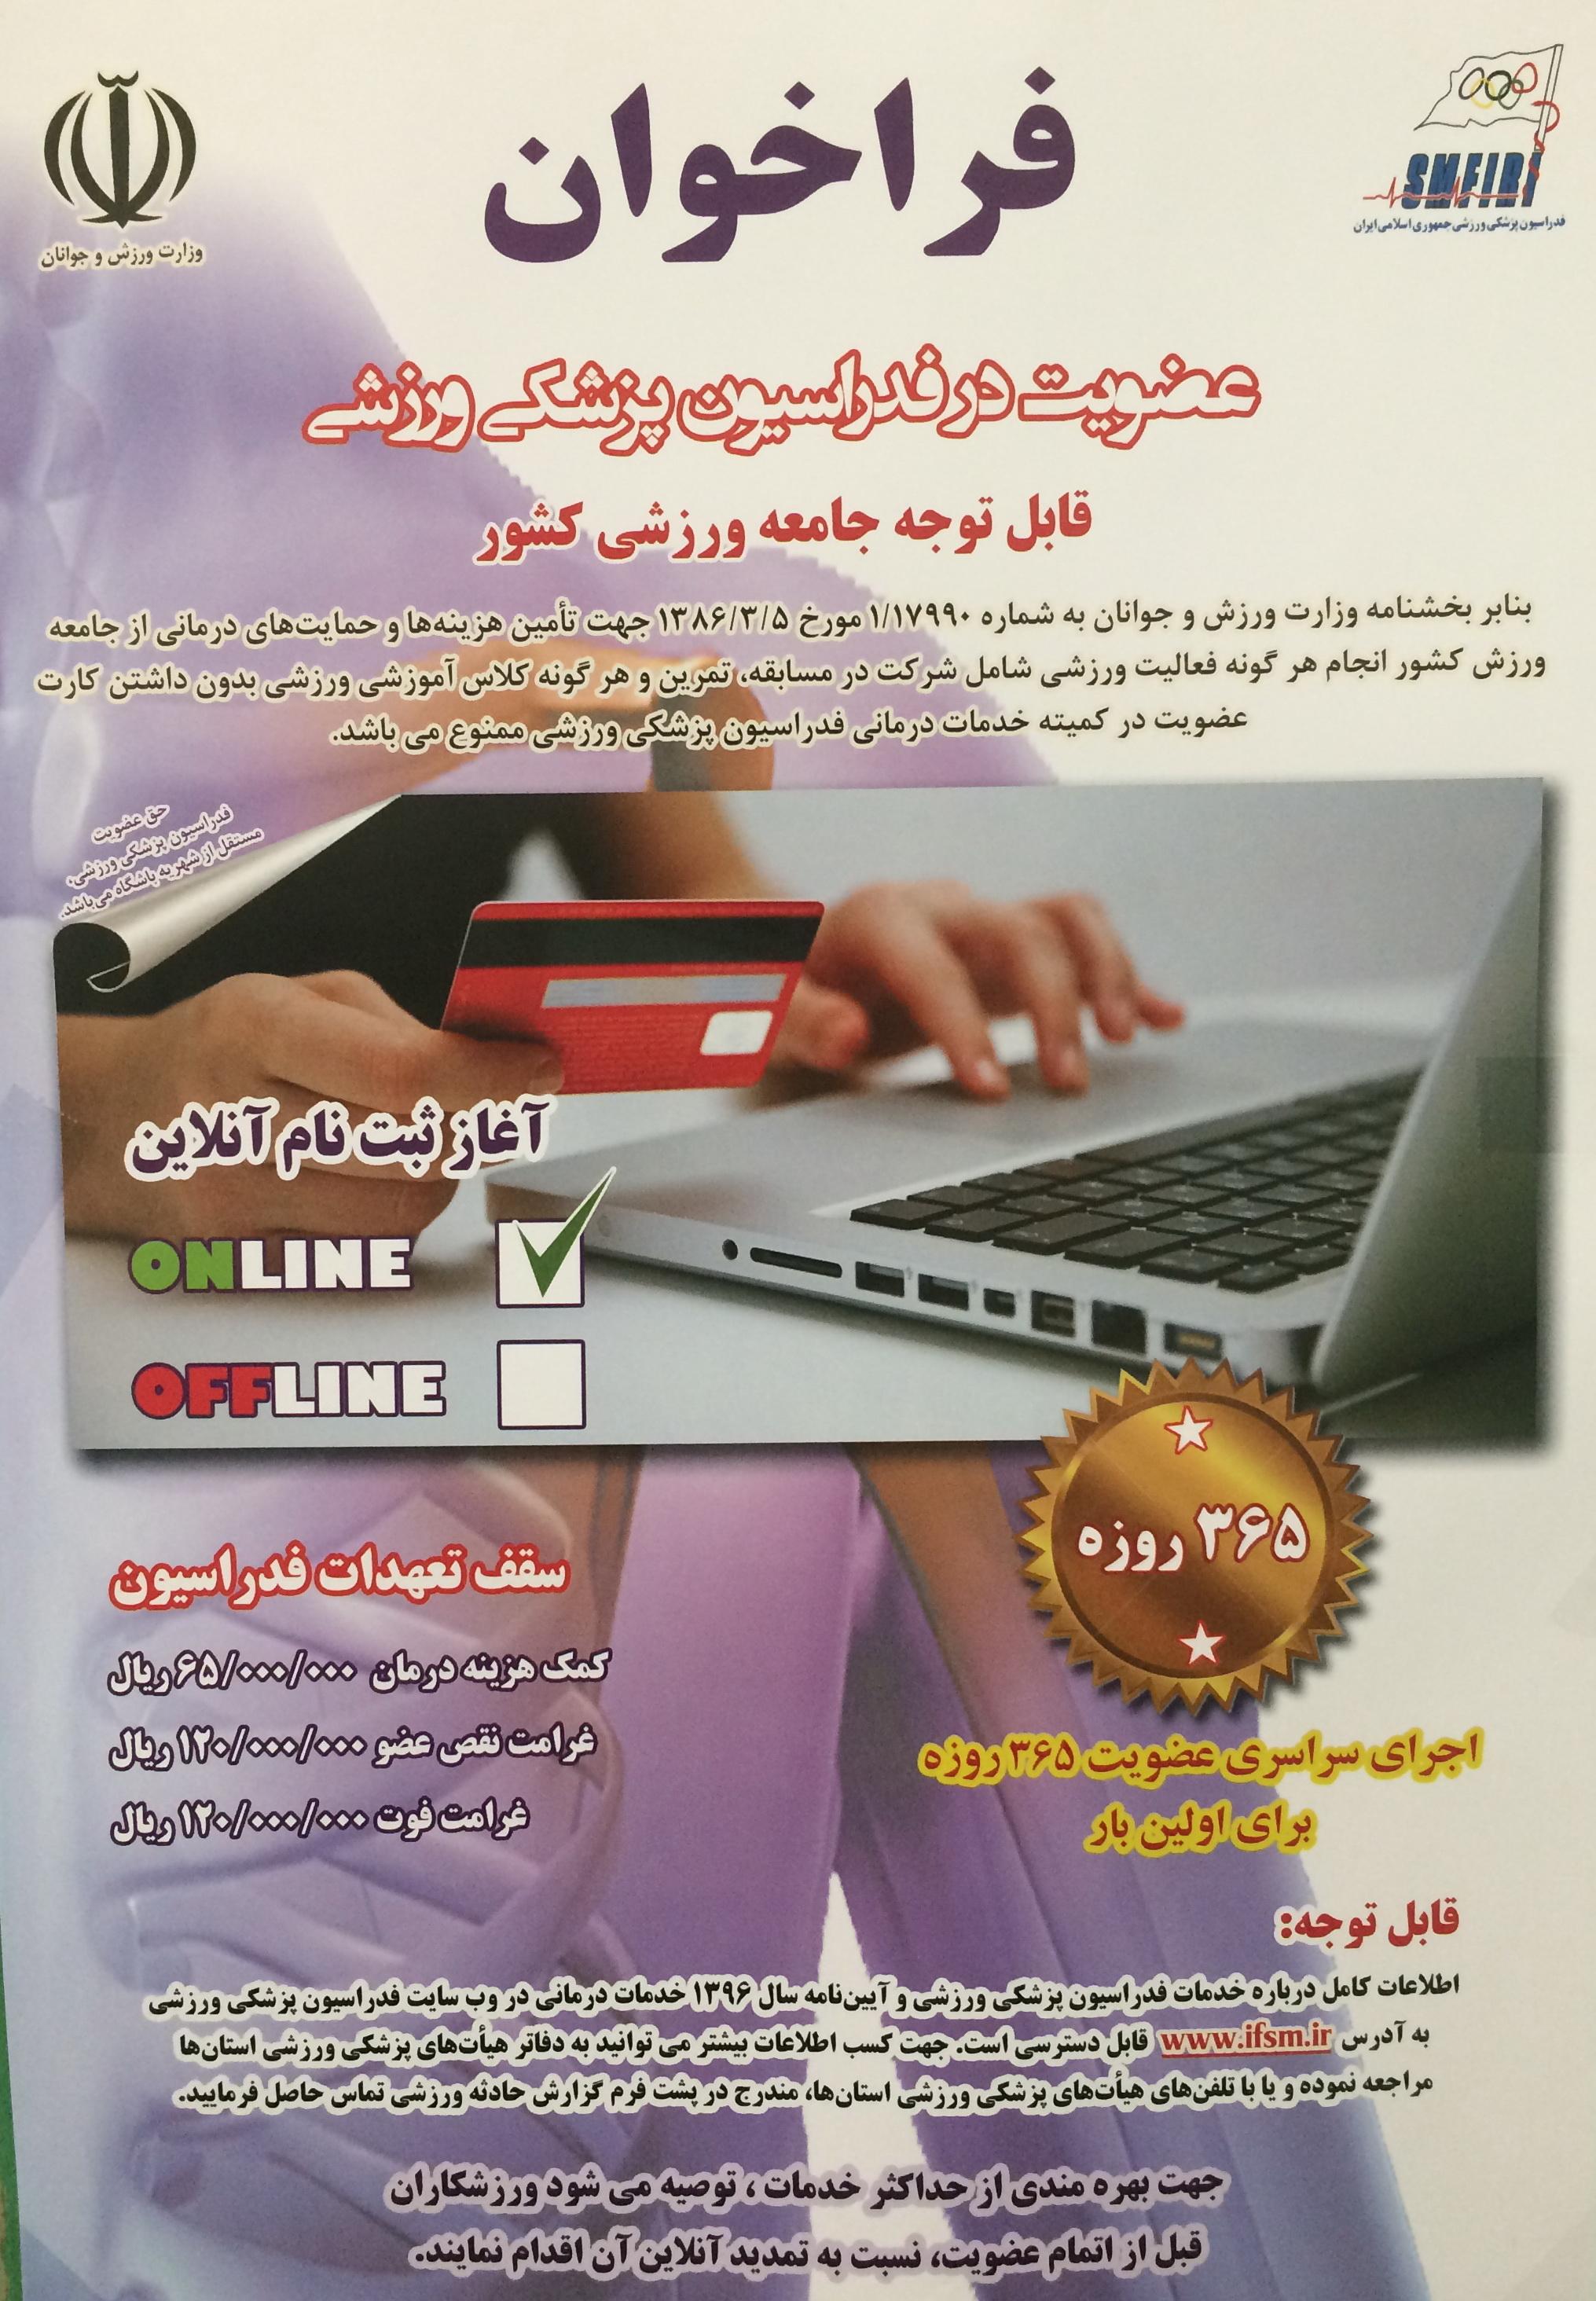 ثبت نام آنلاین کرت بیمه ورزشی